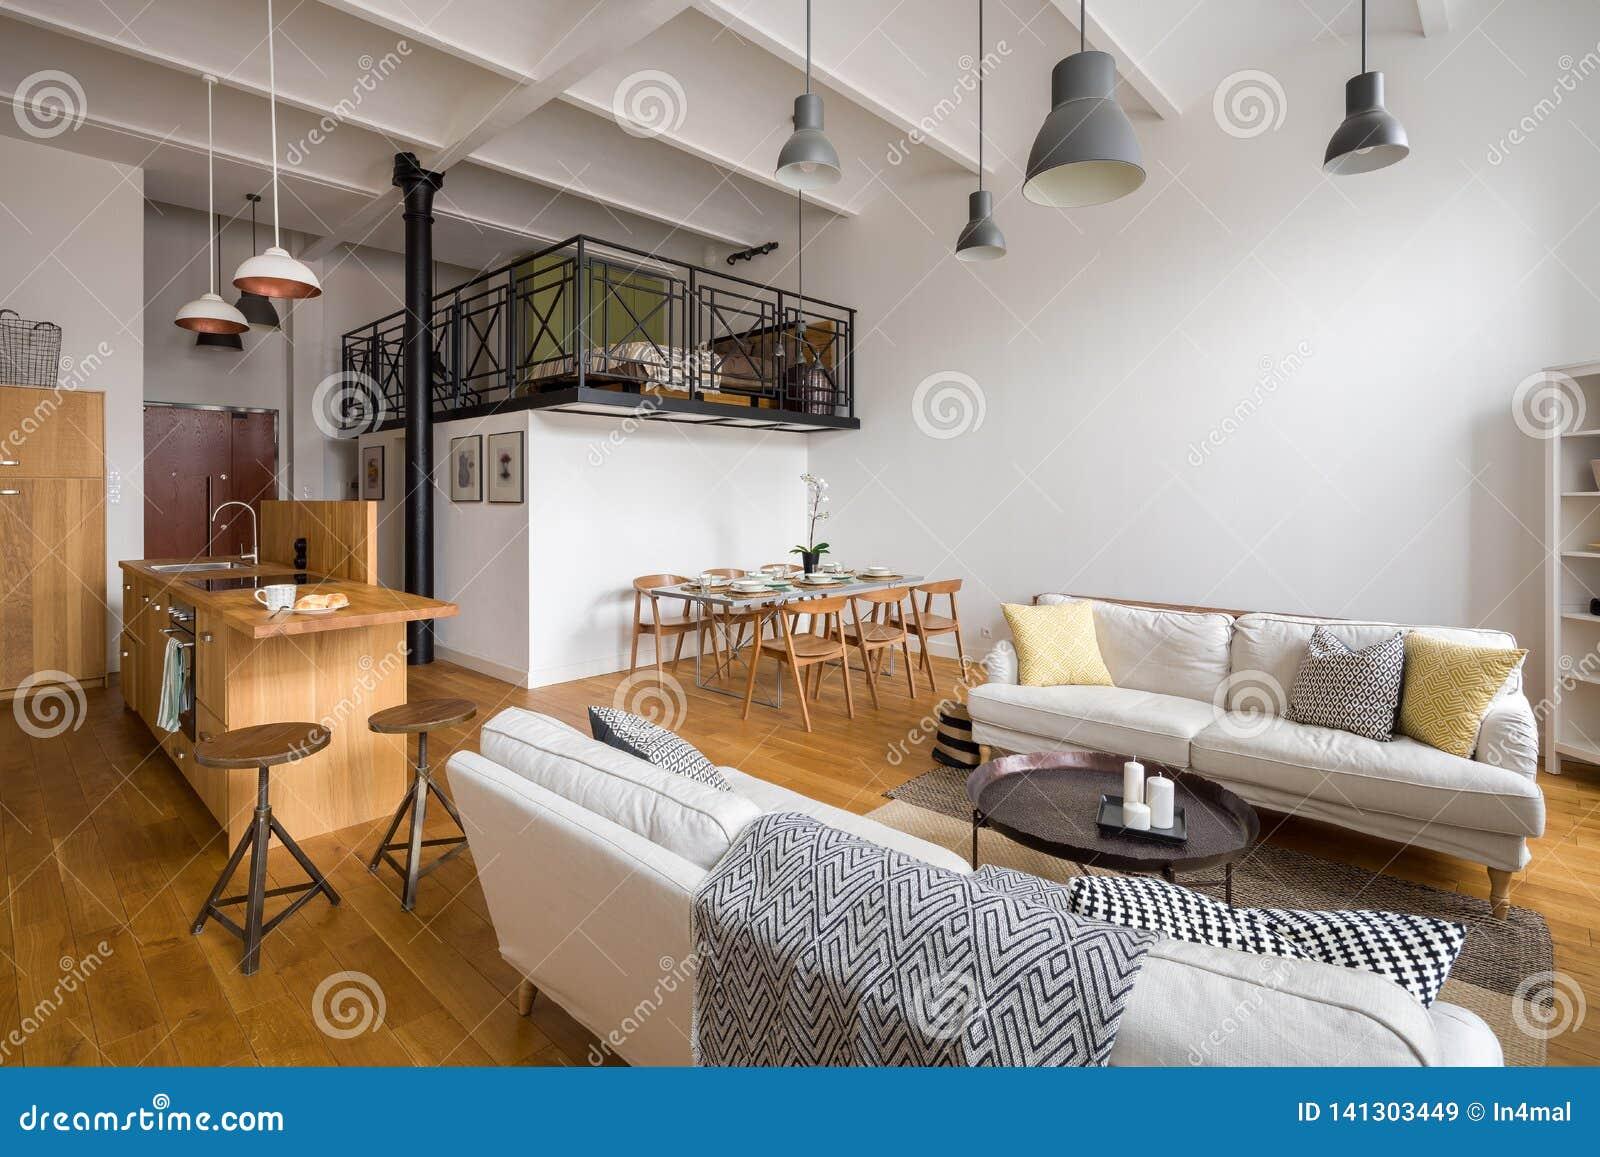 Salon Avec La Cuisine Ouverte Image stock - Image du divan ...